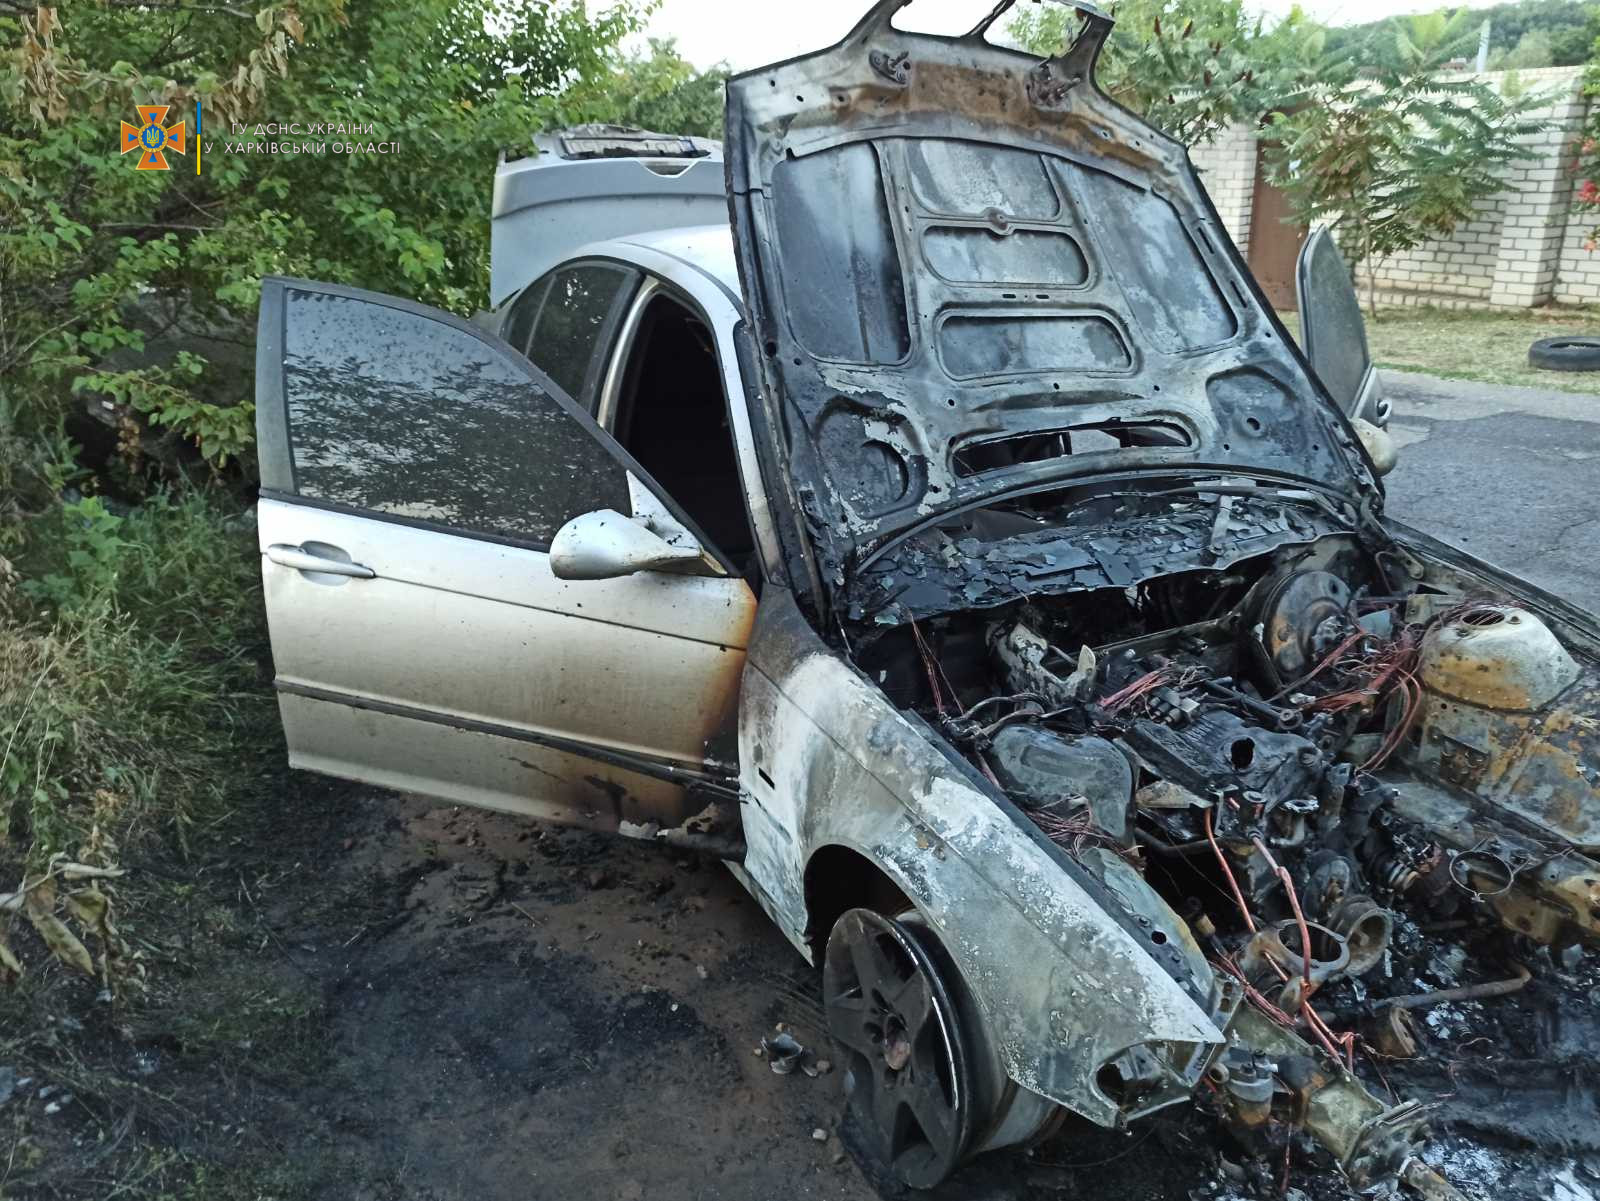 Пожар на Харьковщине: В Купянске горел легковой автомобиль